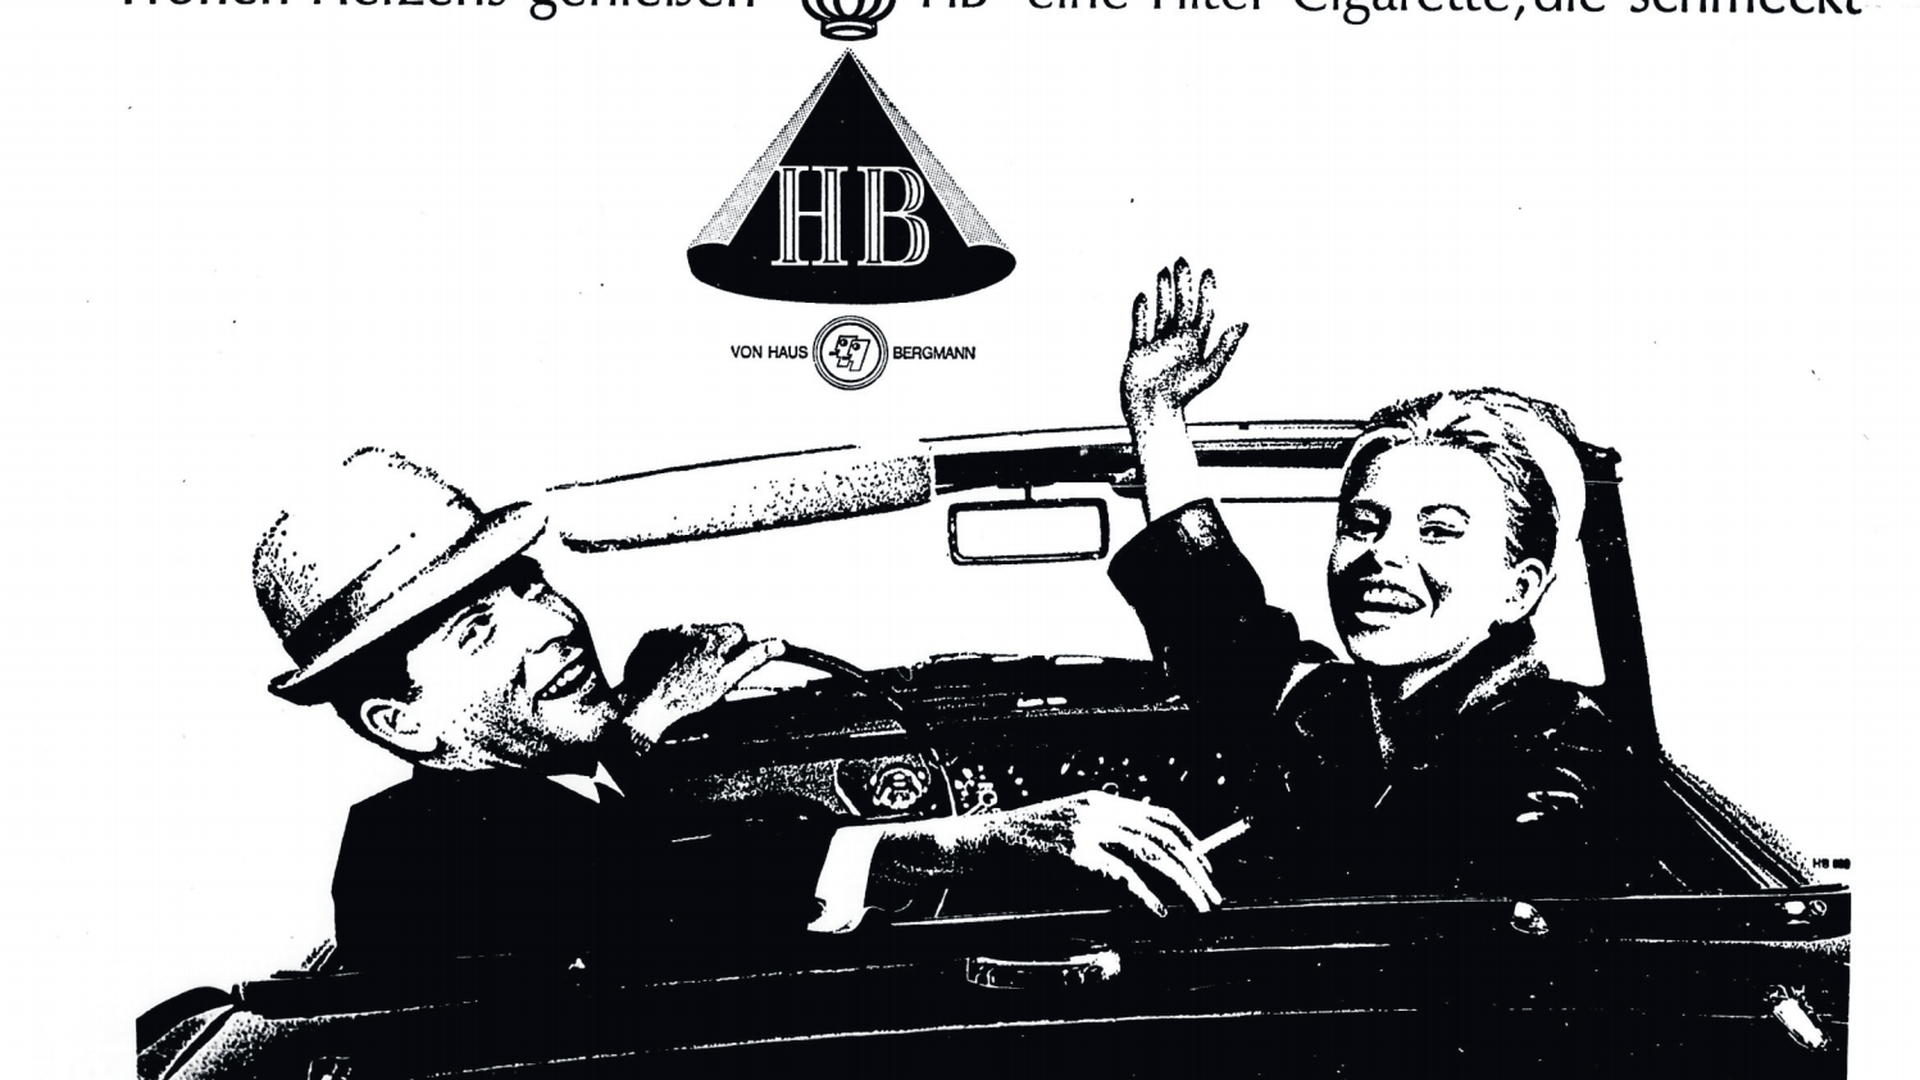 Alte Werbung von 1965 mit zwei Personen in einem Auto